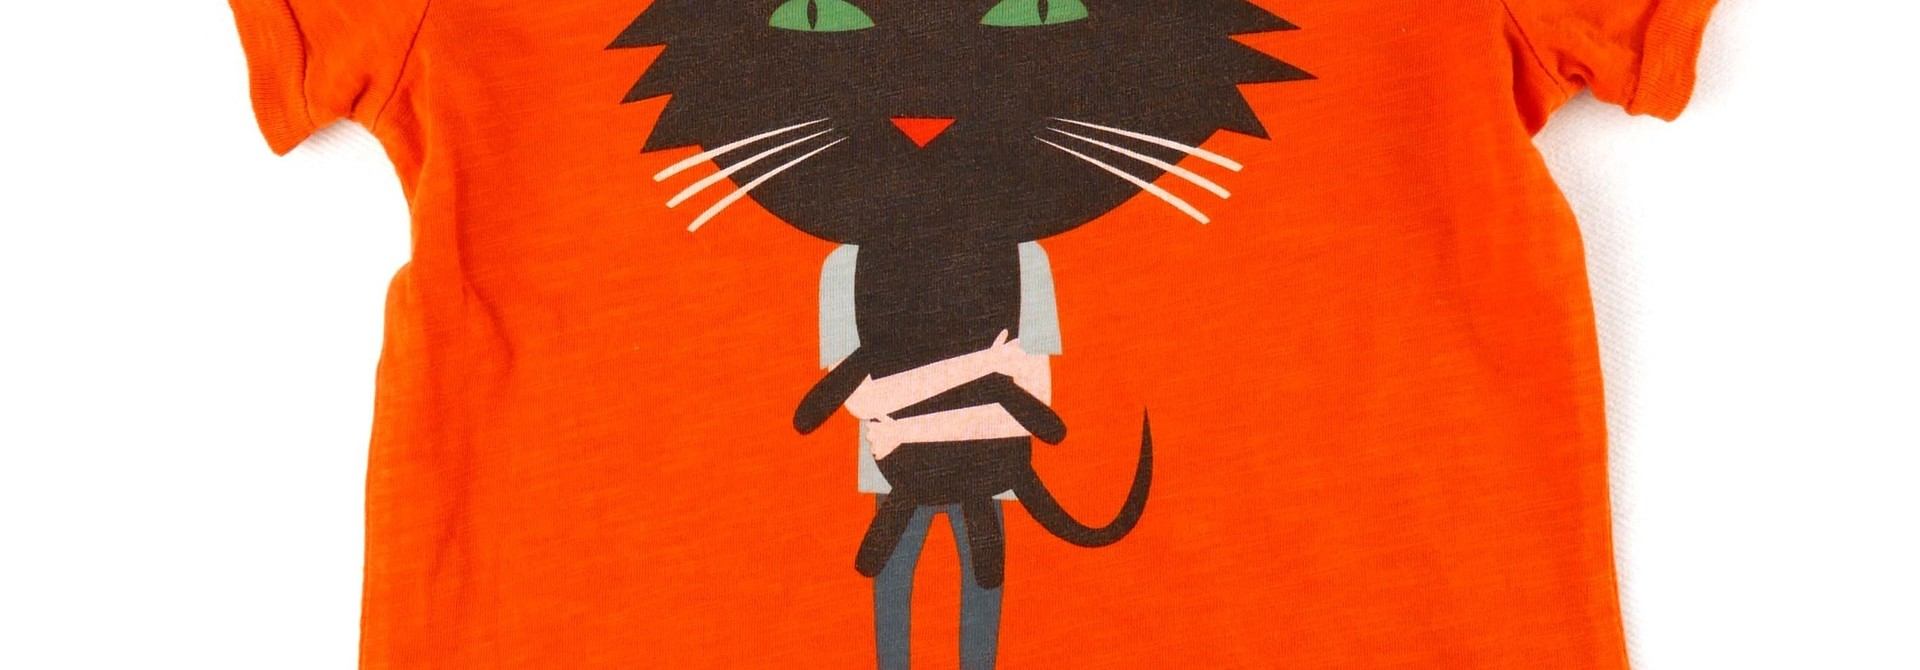 T-shirt Hilde & Co